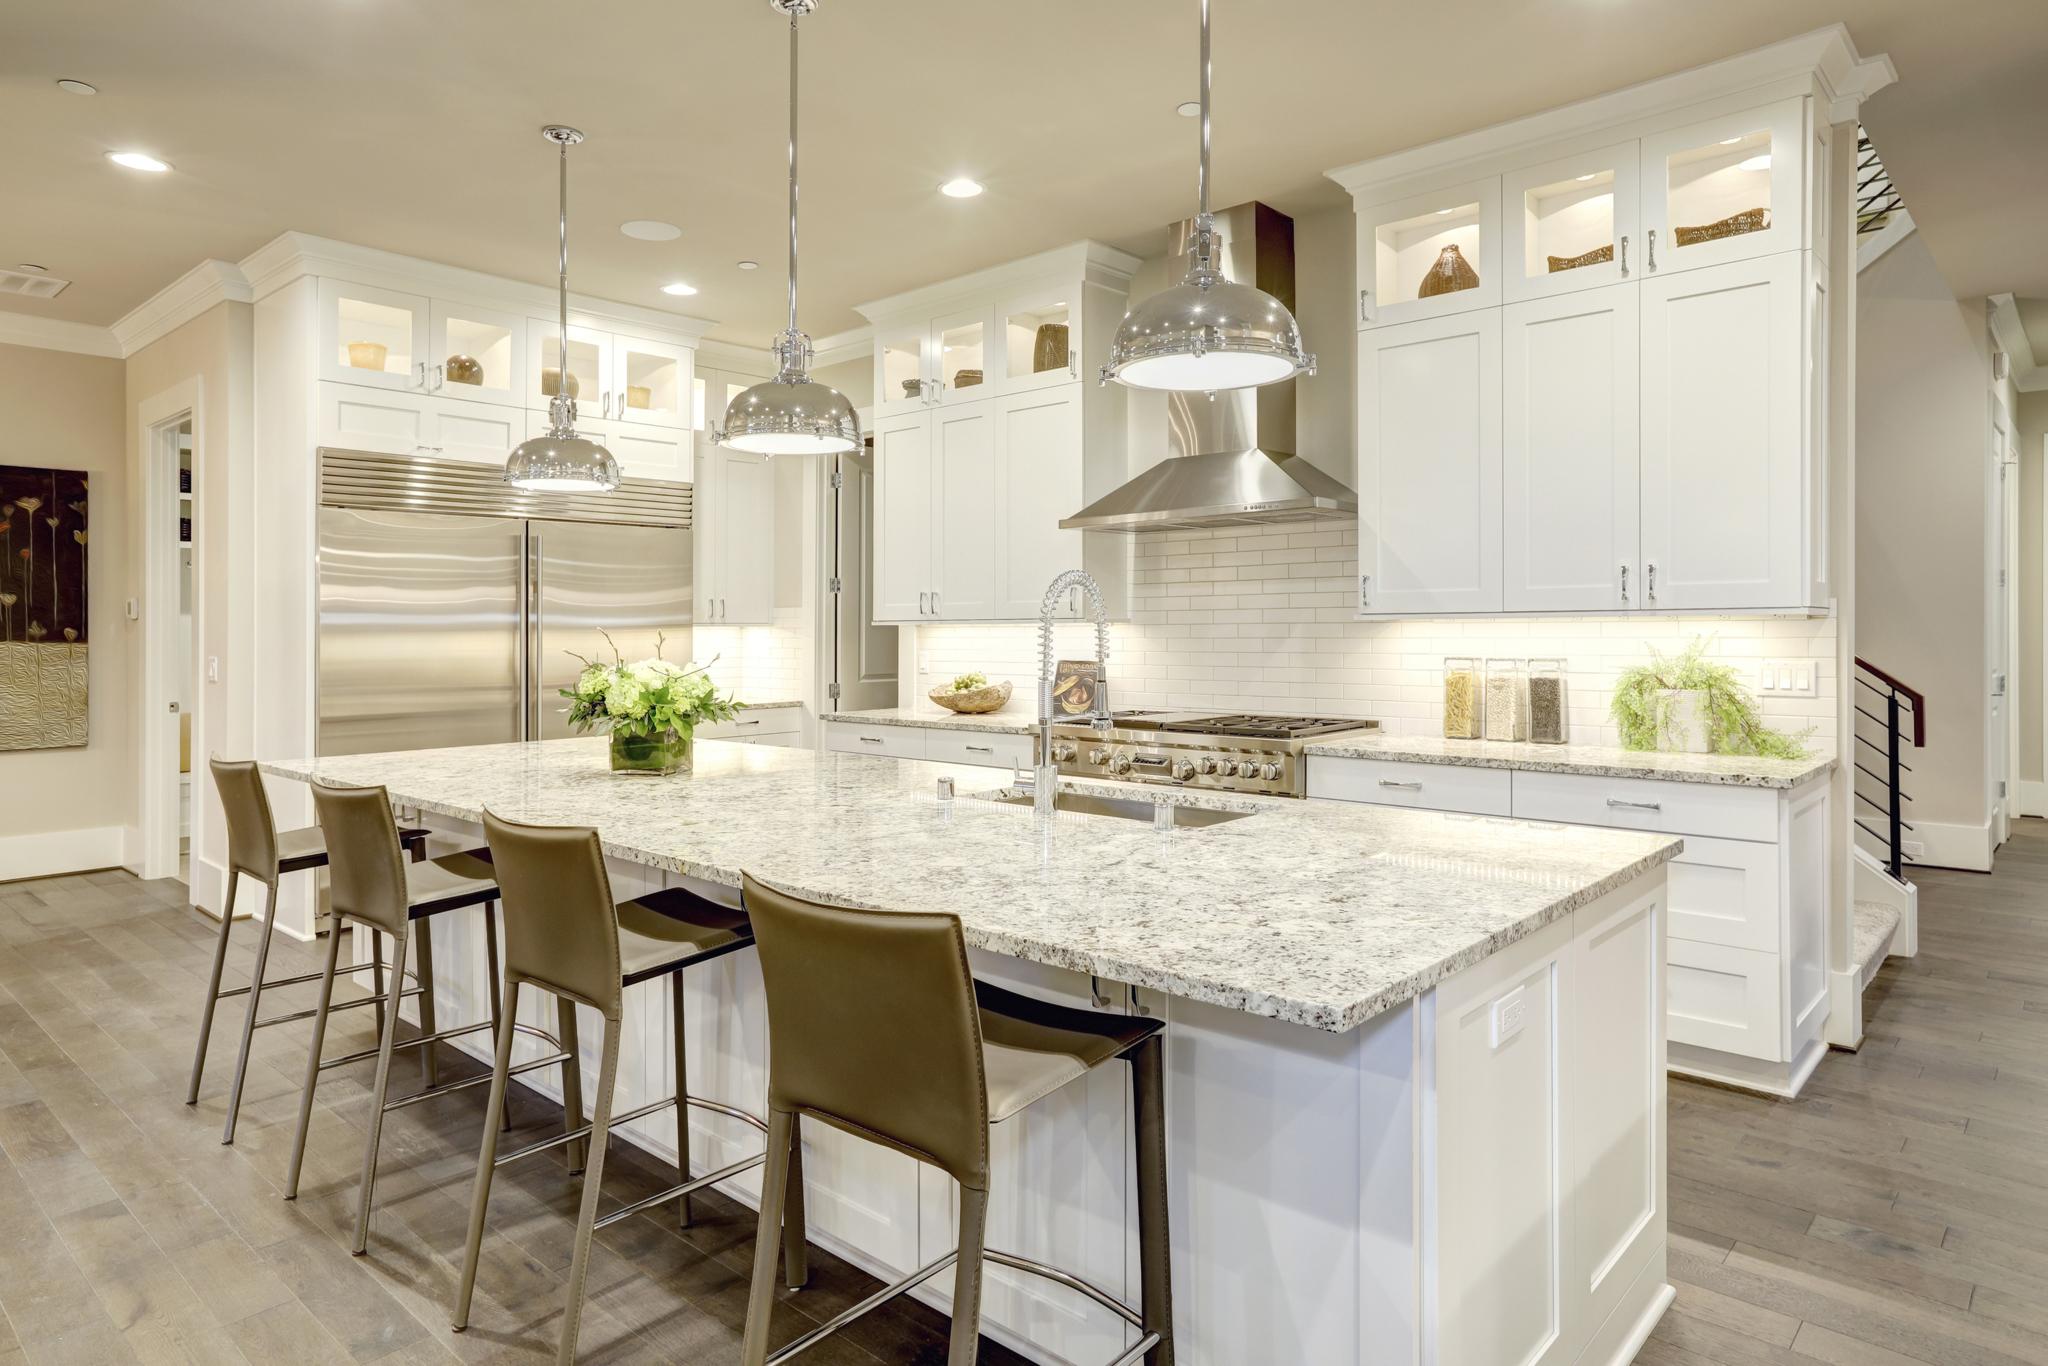 Ady Rénovation Inc à Pierrefonds: Ady Renovation - kitchen